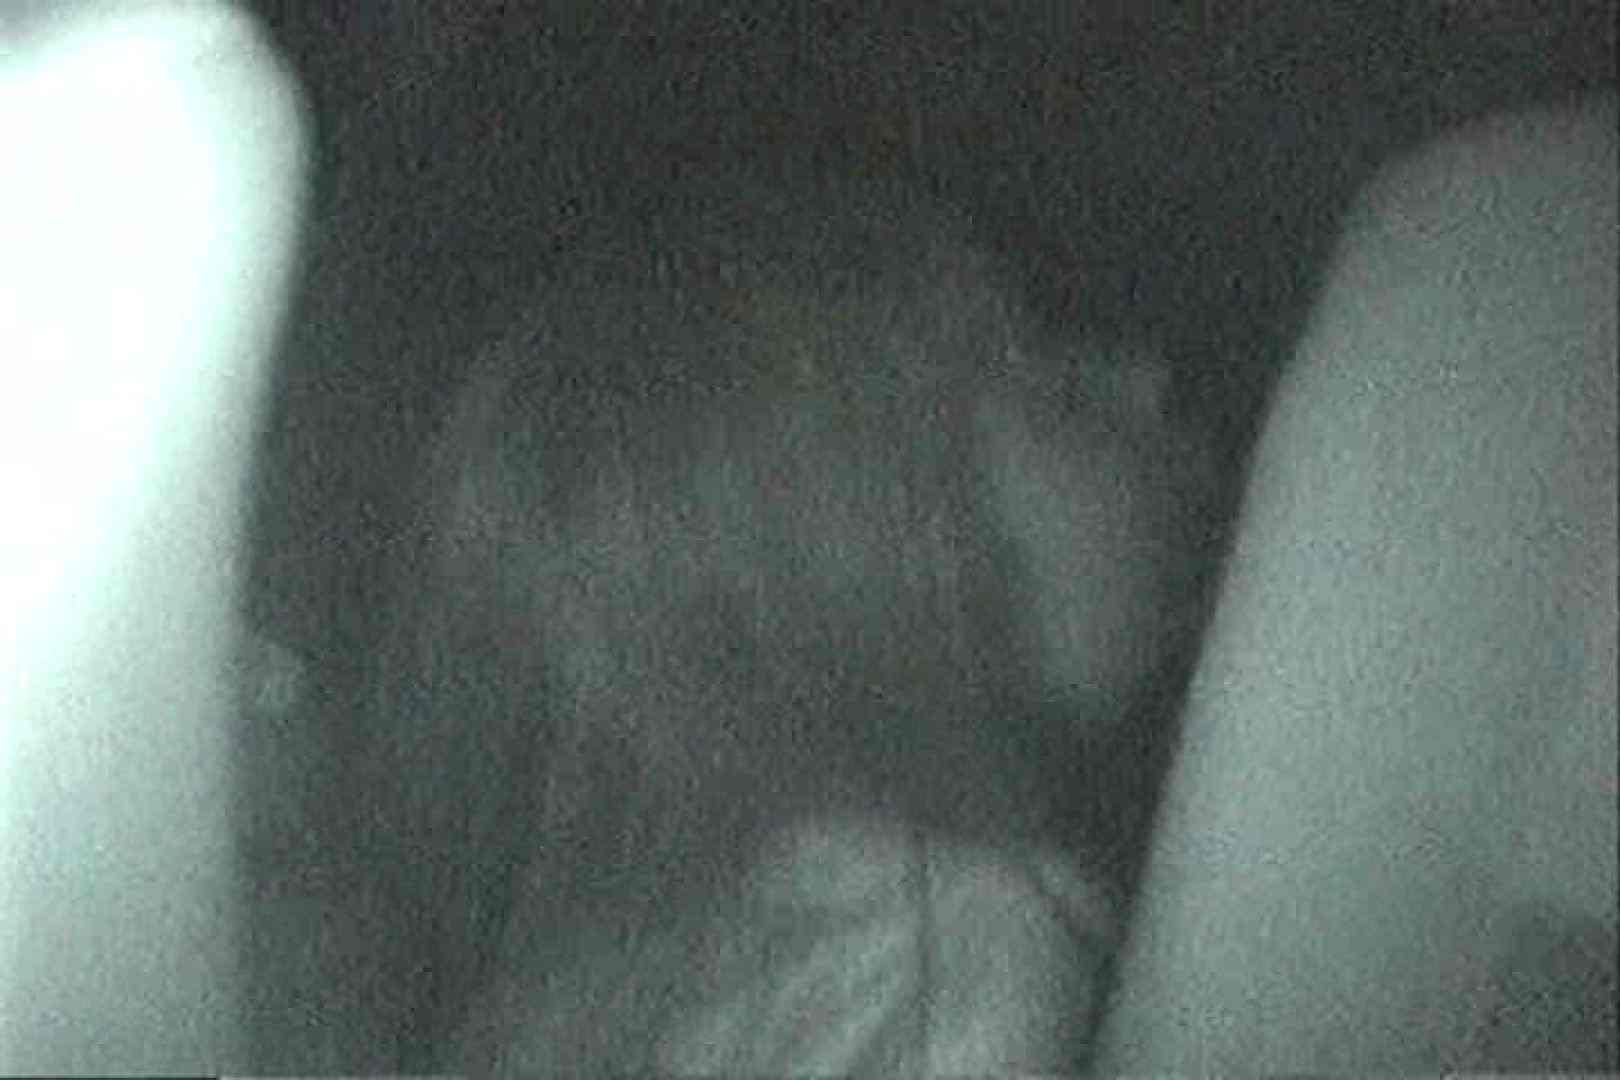 充血監督の深夜の運動会Vol.157 OLセックス   車  109画像 19